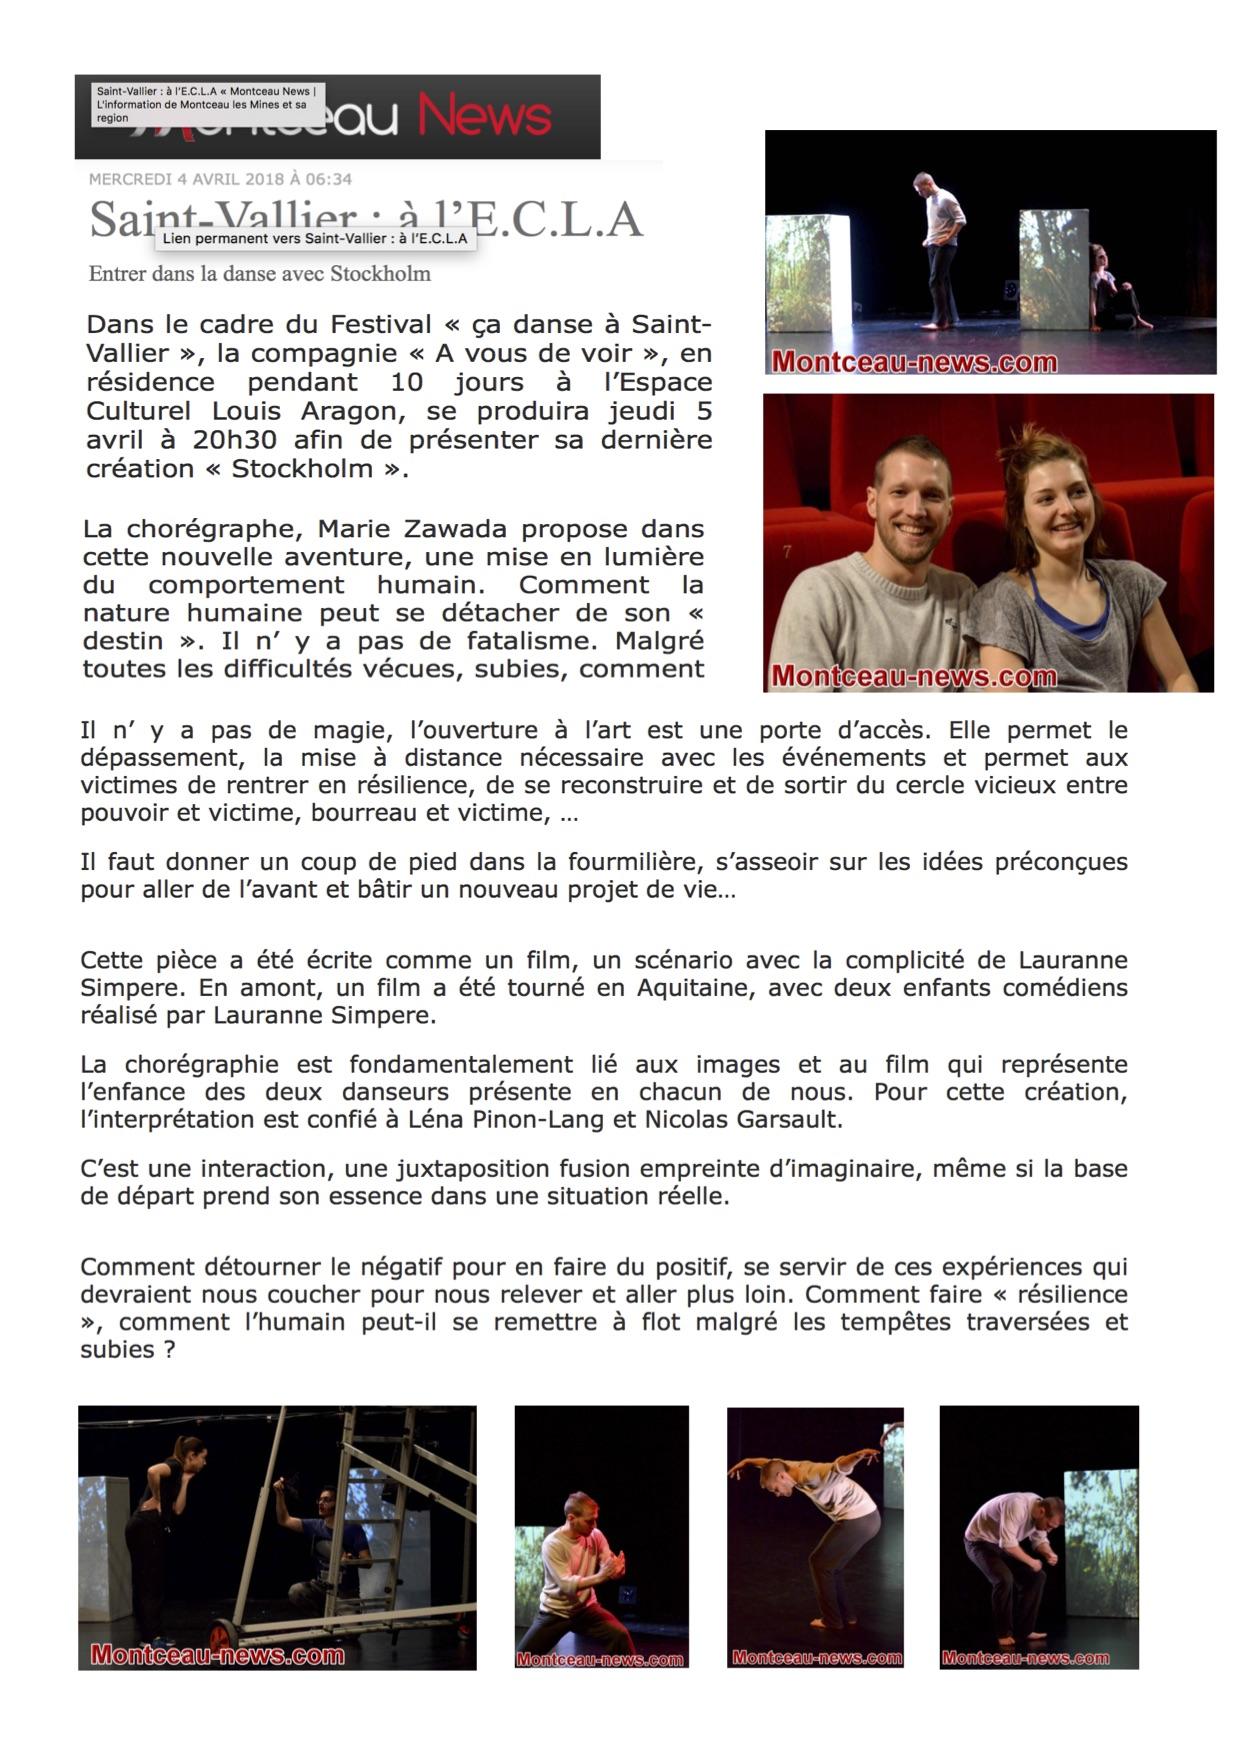 Stockholm - Montceau News 4_04_18